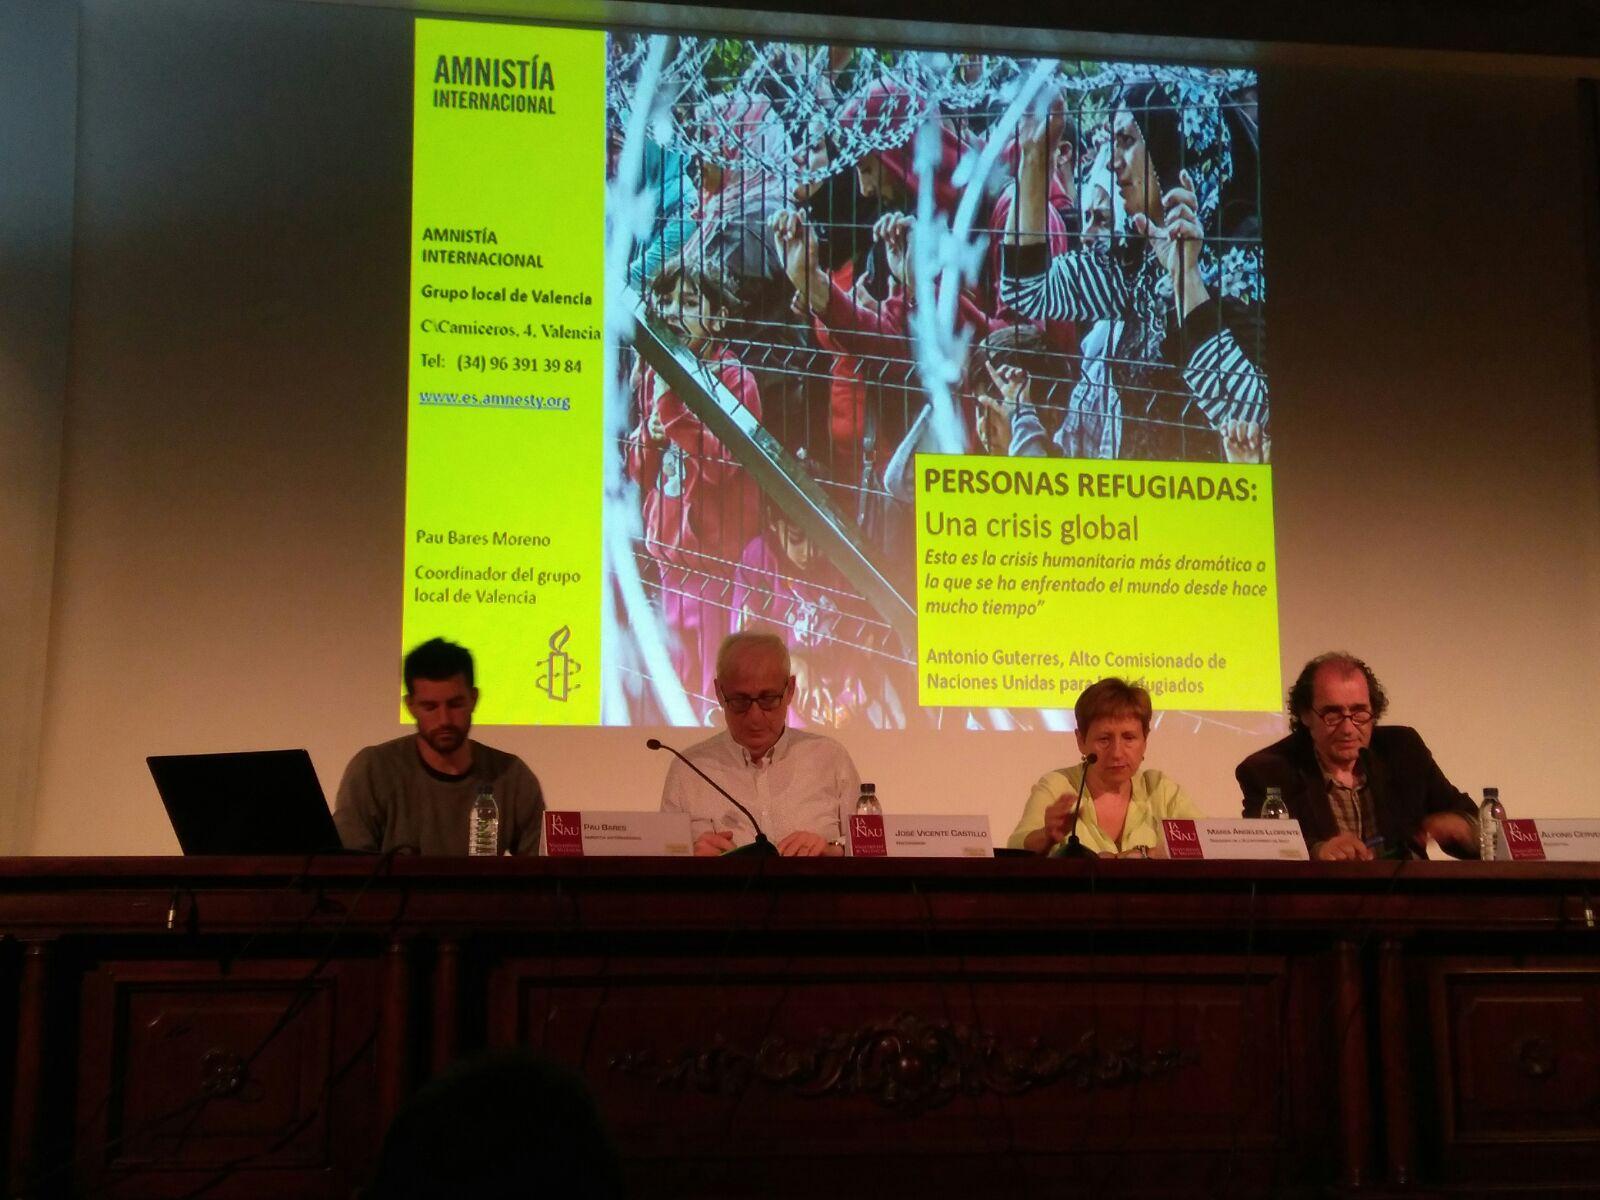 El acto, organizado por la Universitat de València junto con el Ayuntamiento de Cheste, contó con la participación de la concejala de Cultura, Mª Ángeles Llorente.